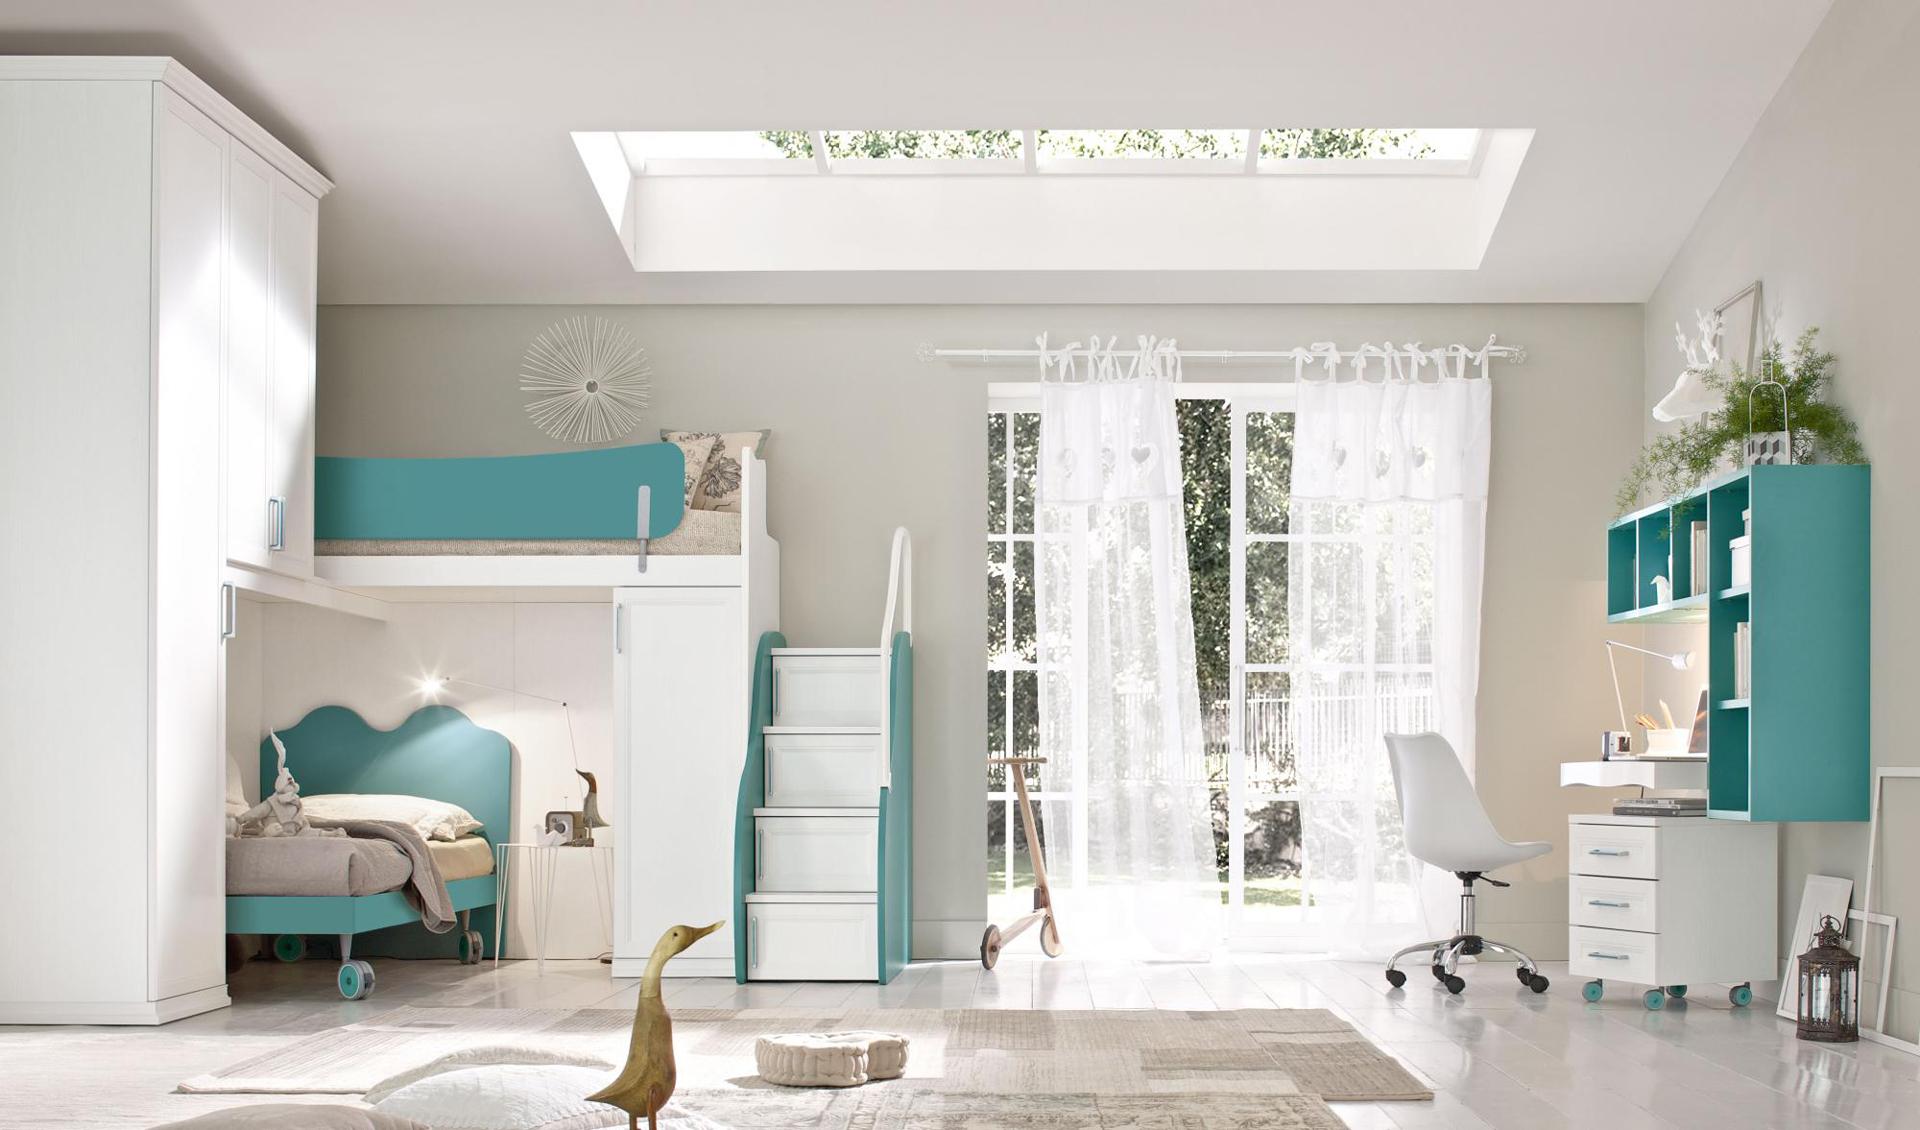 6_MTM-arreda-gatteo-progettazione-su-misura-arredamento-camerette-camere-bambini